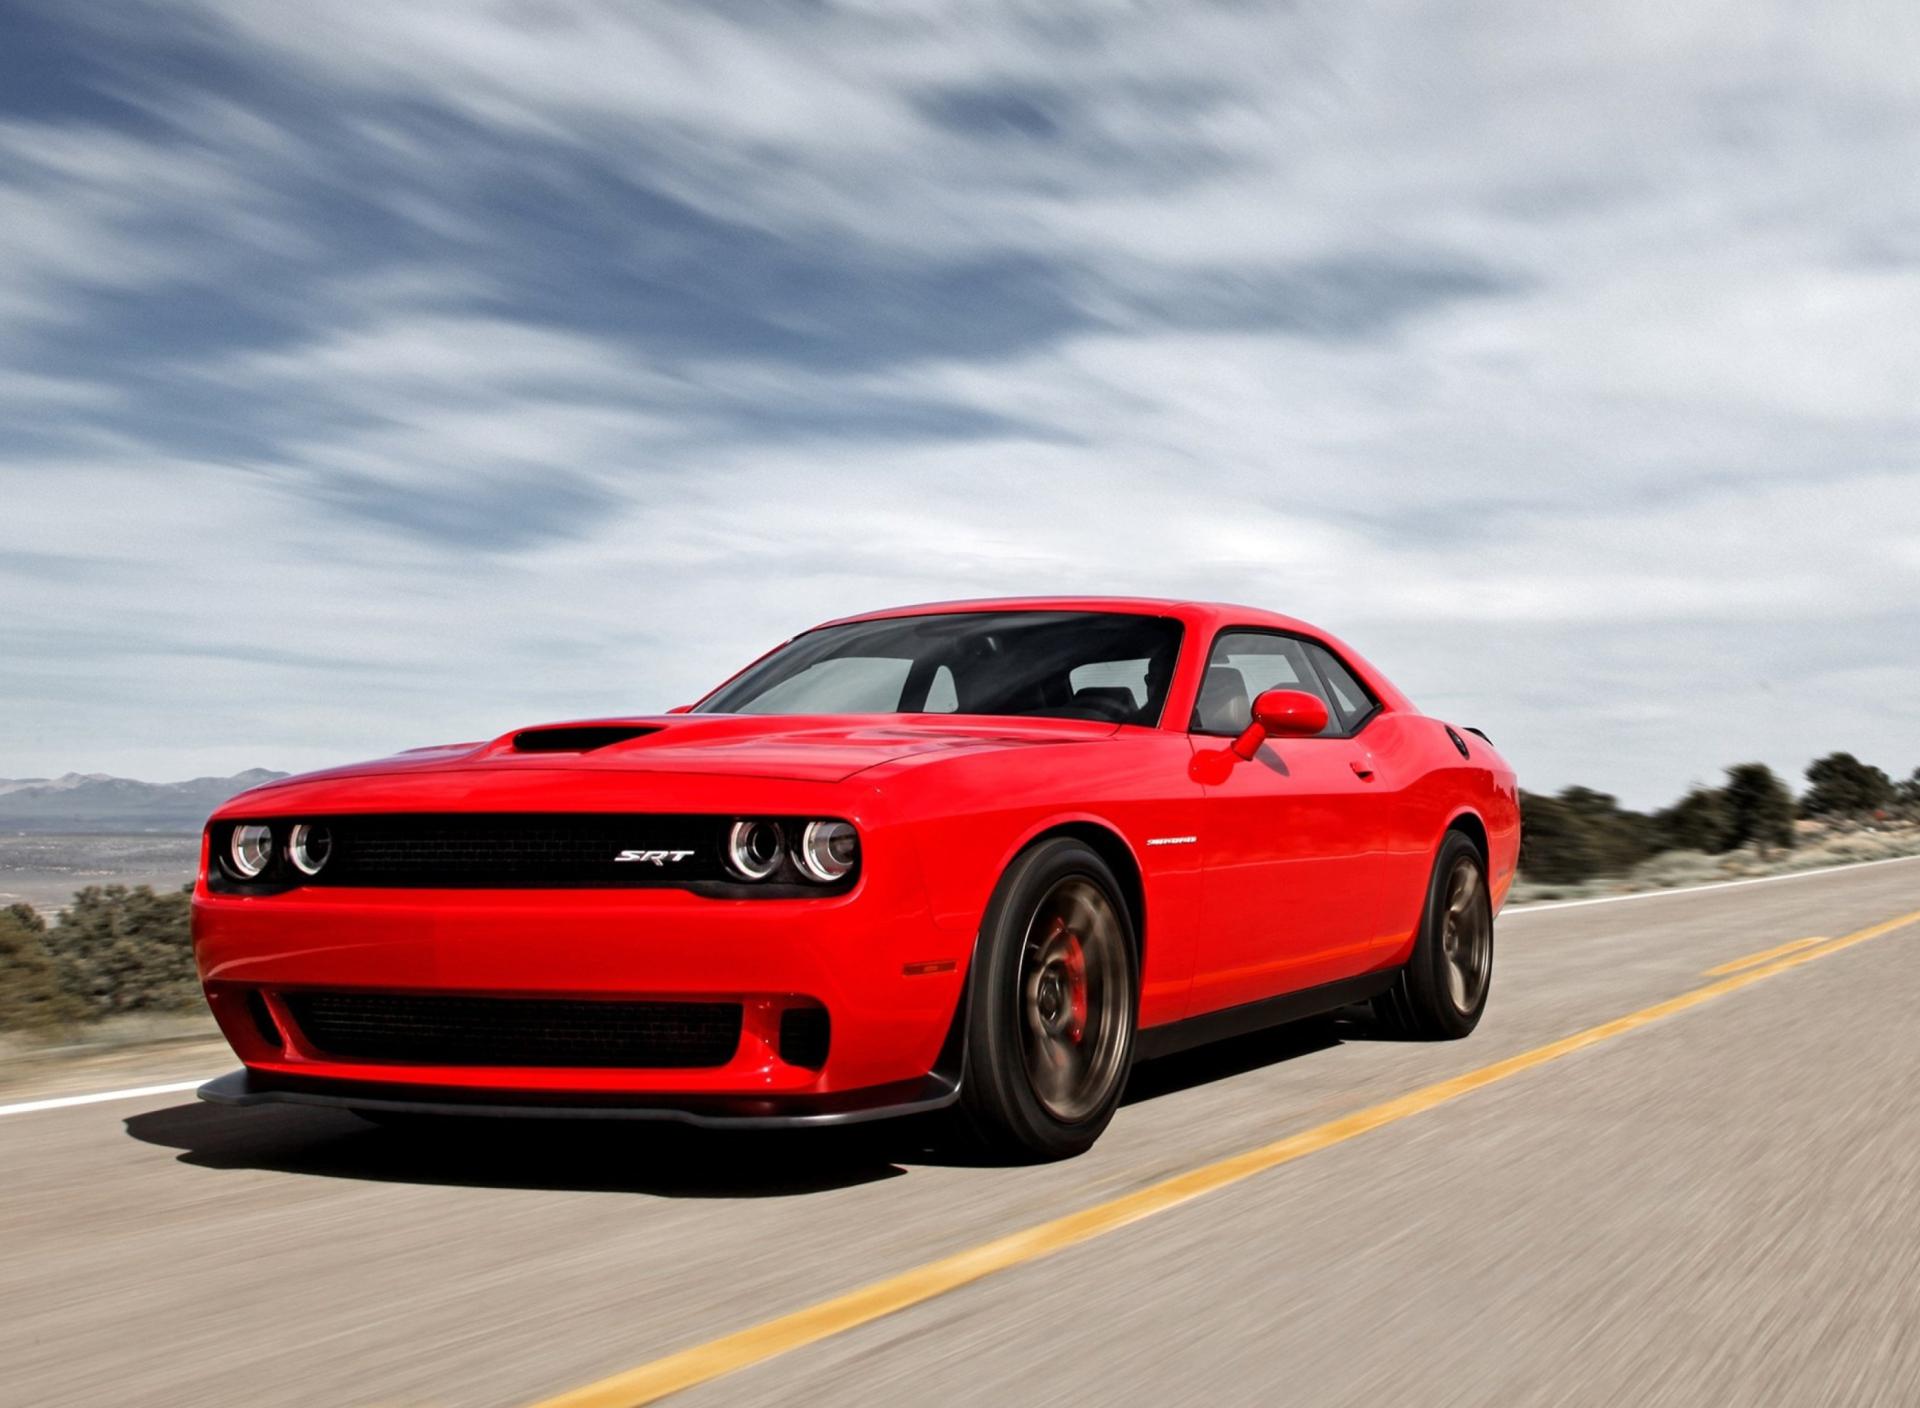 красный спортивный автомобиль Dodge Challenger red sports car  № 728295 без смс